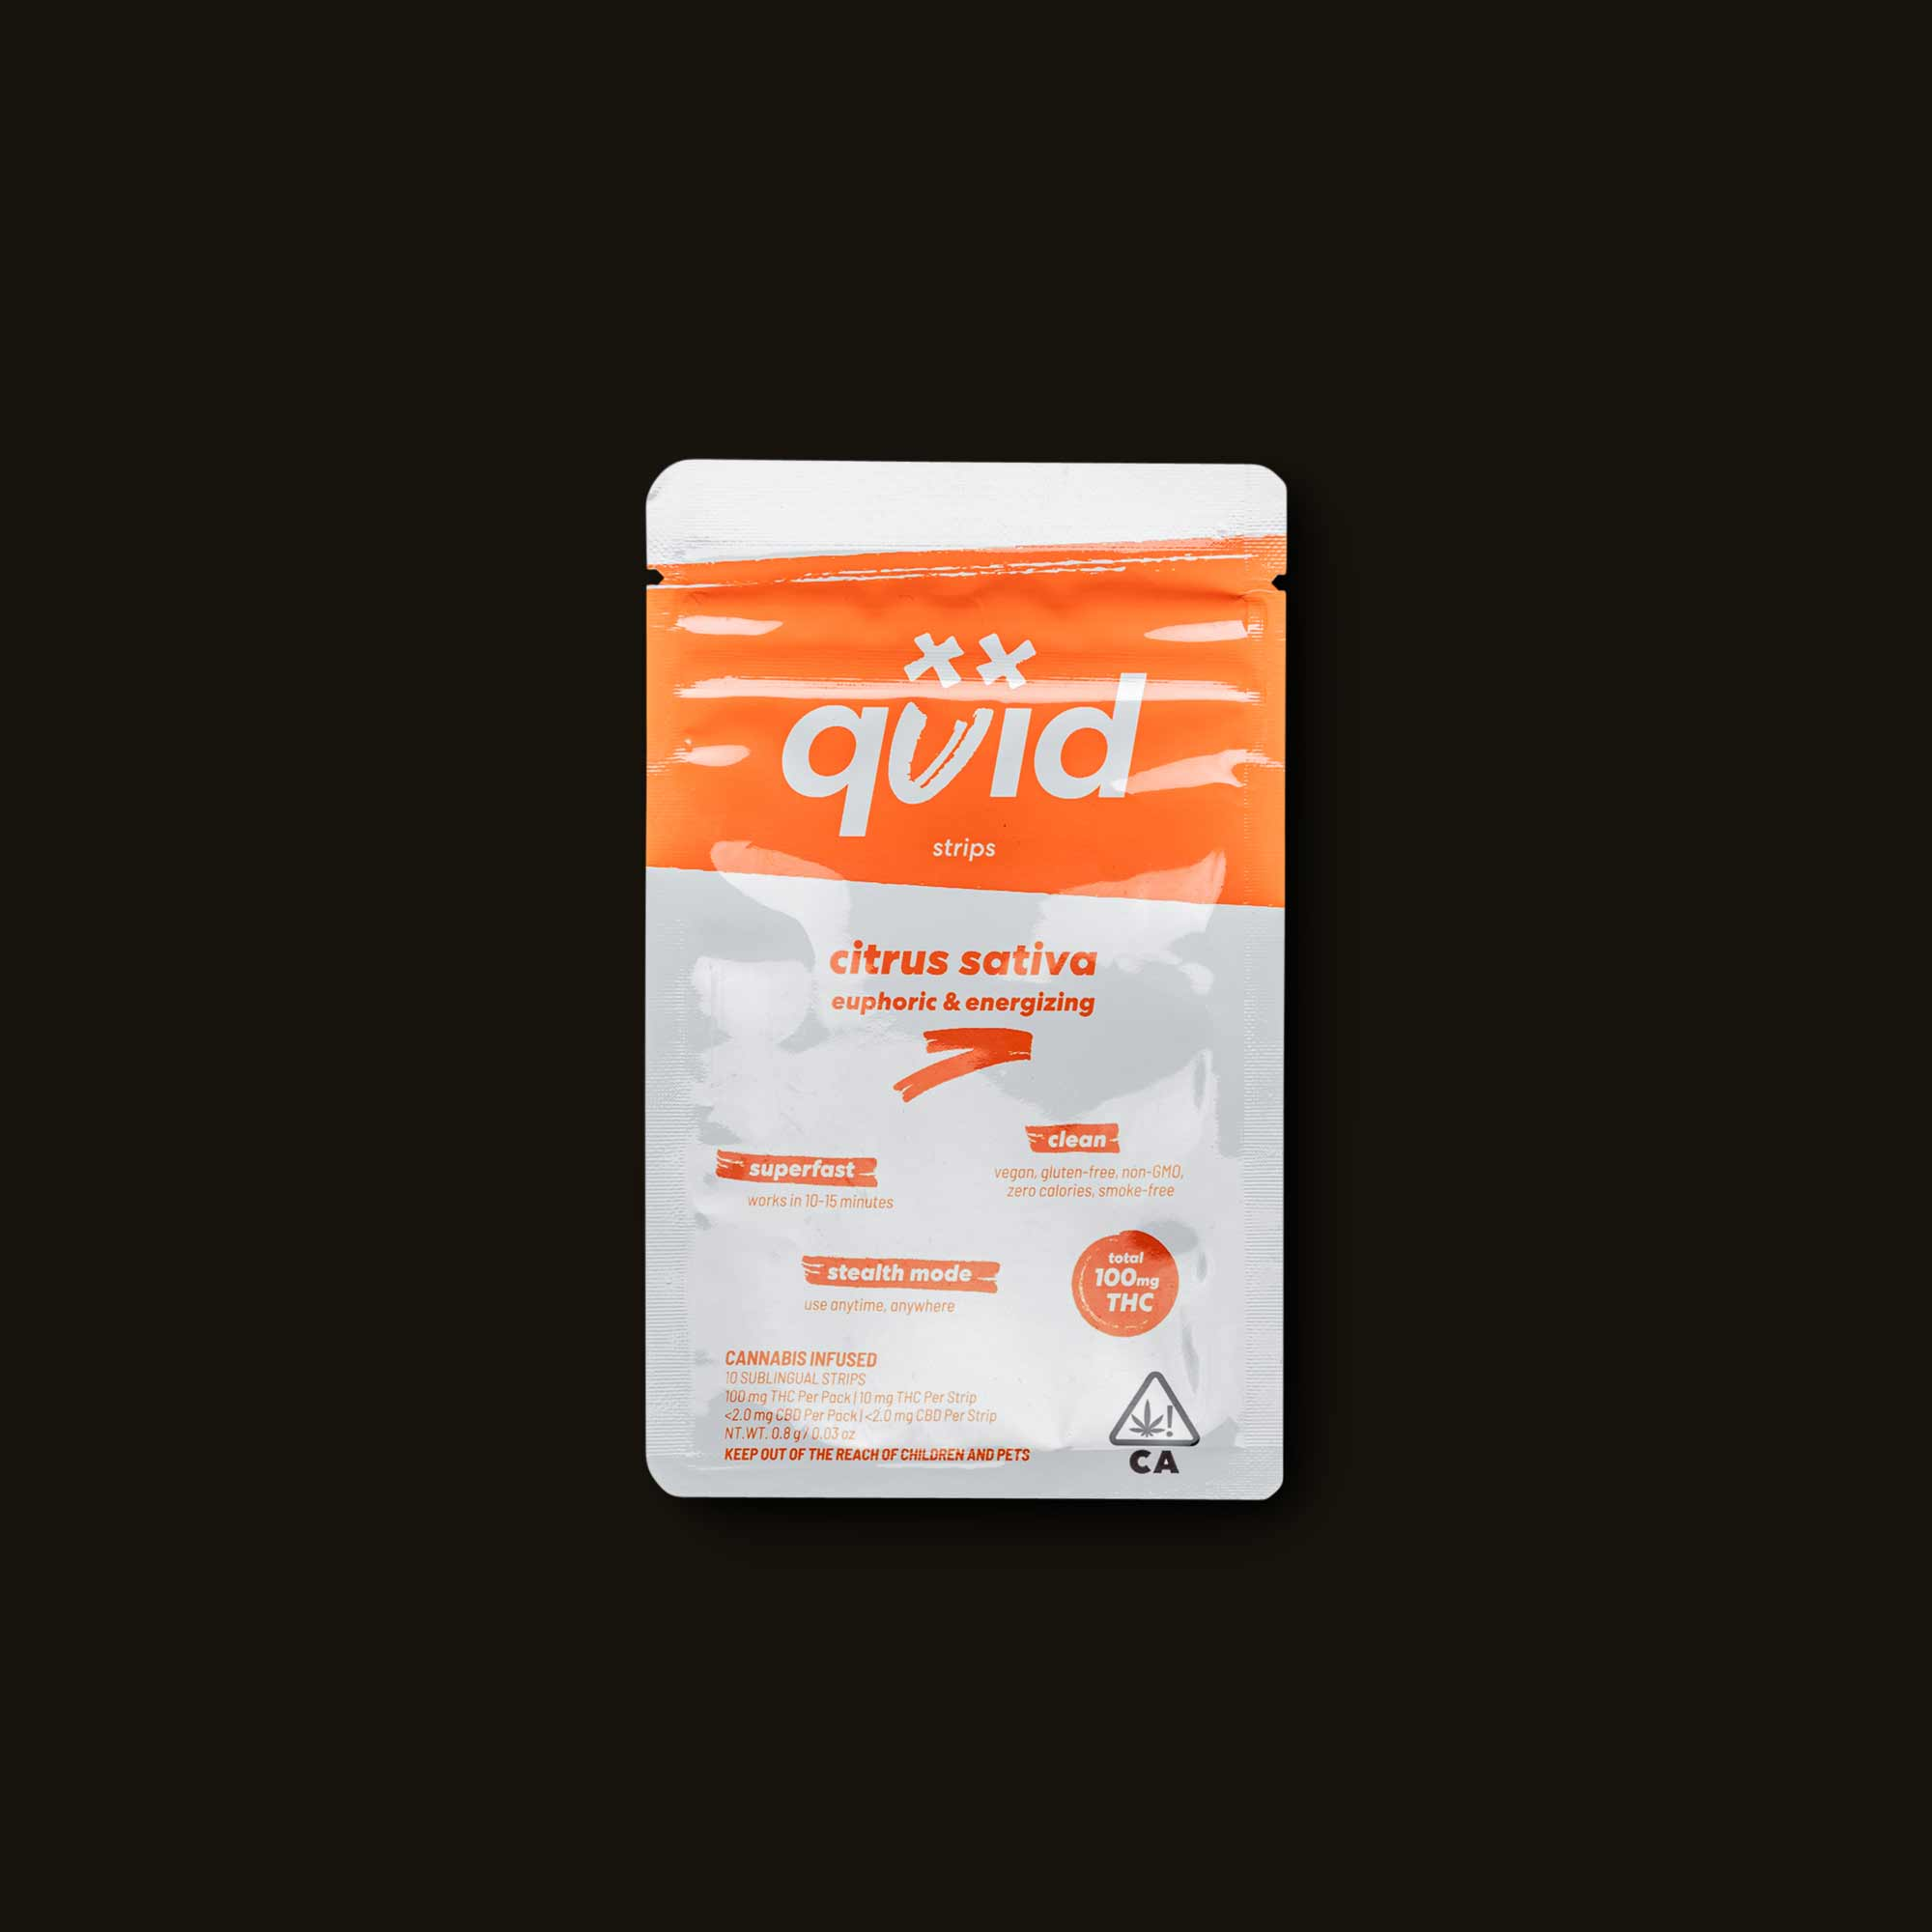 Quid Citrus Sativa Strips